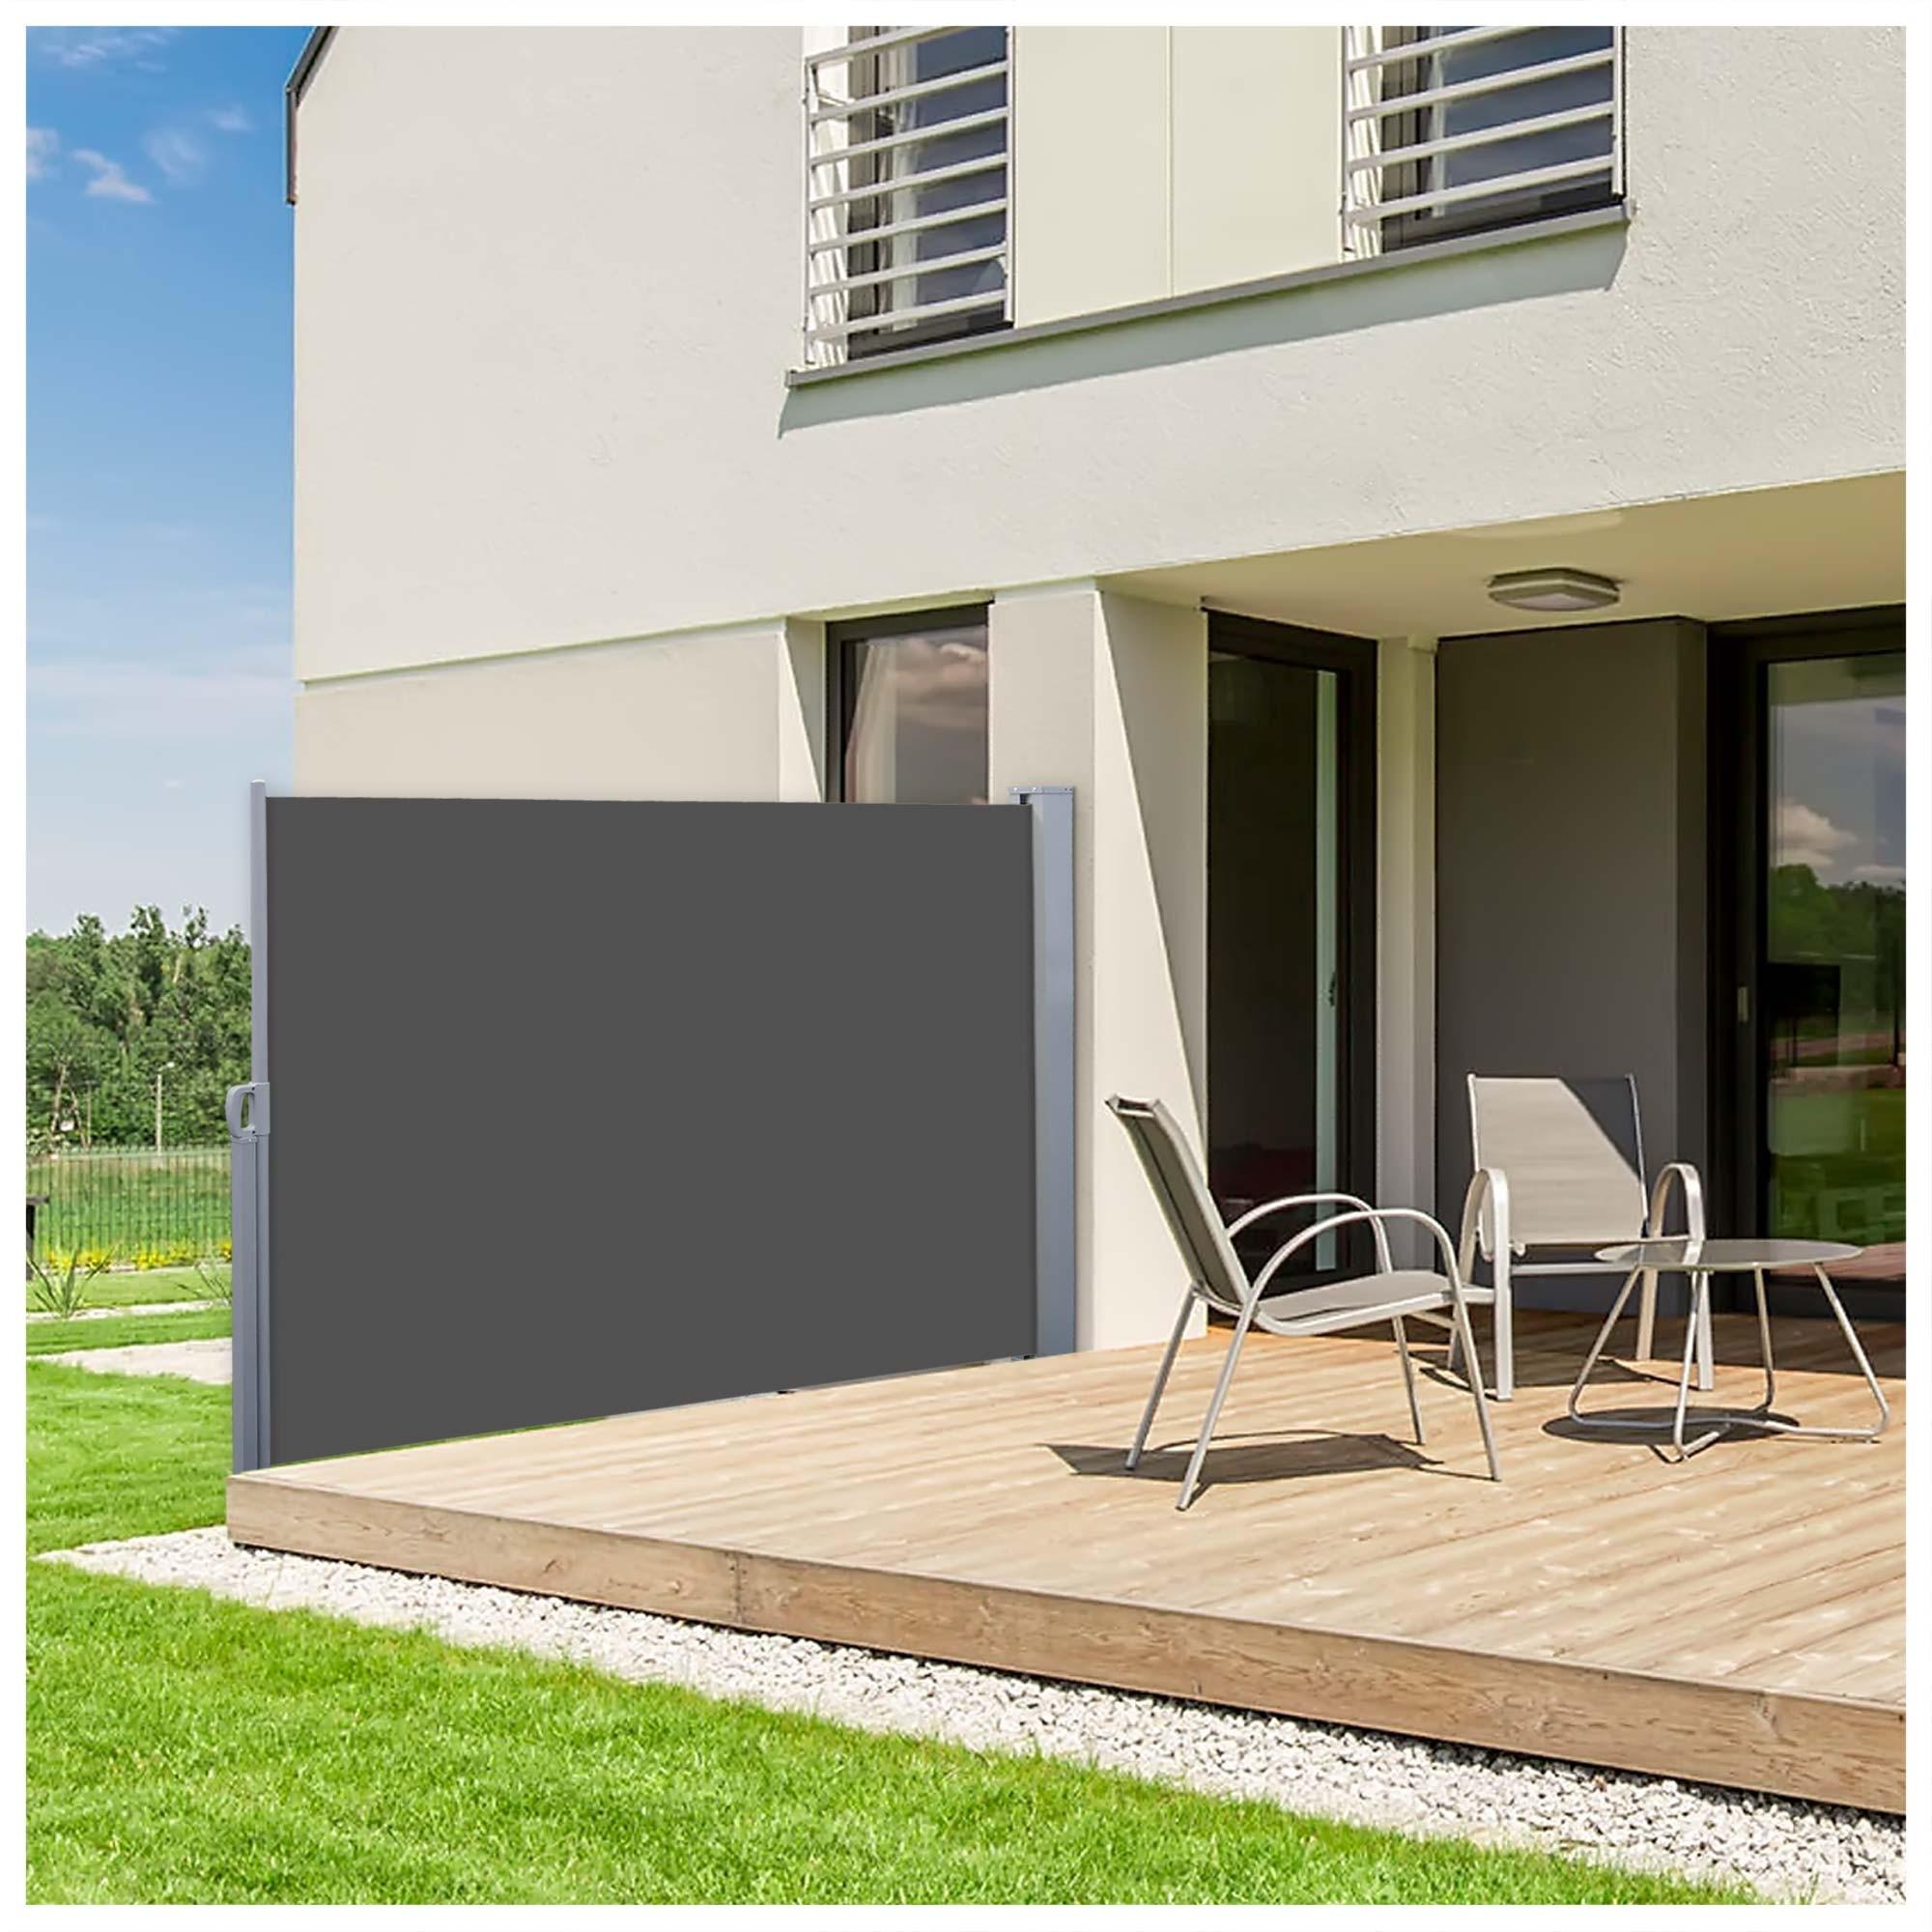 Sichtschutz Terrasse Seitenmarkise Kreative Ideen für Design und